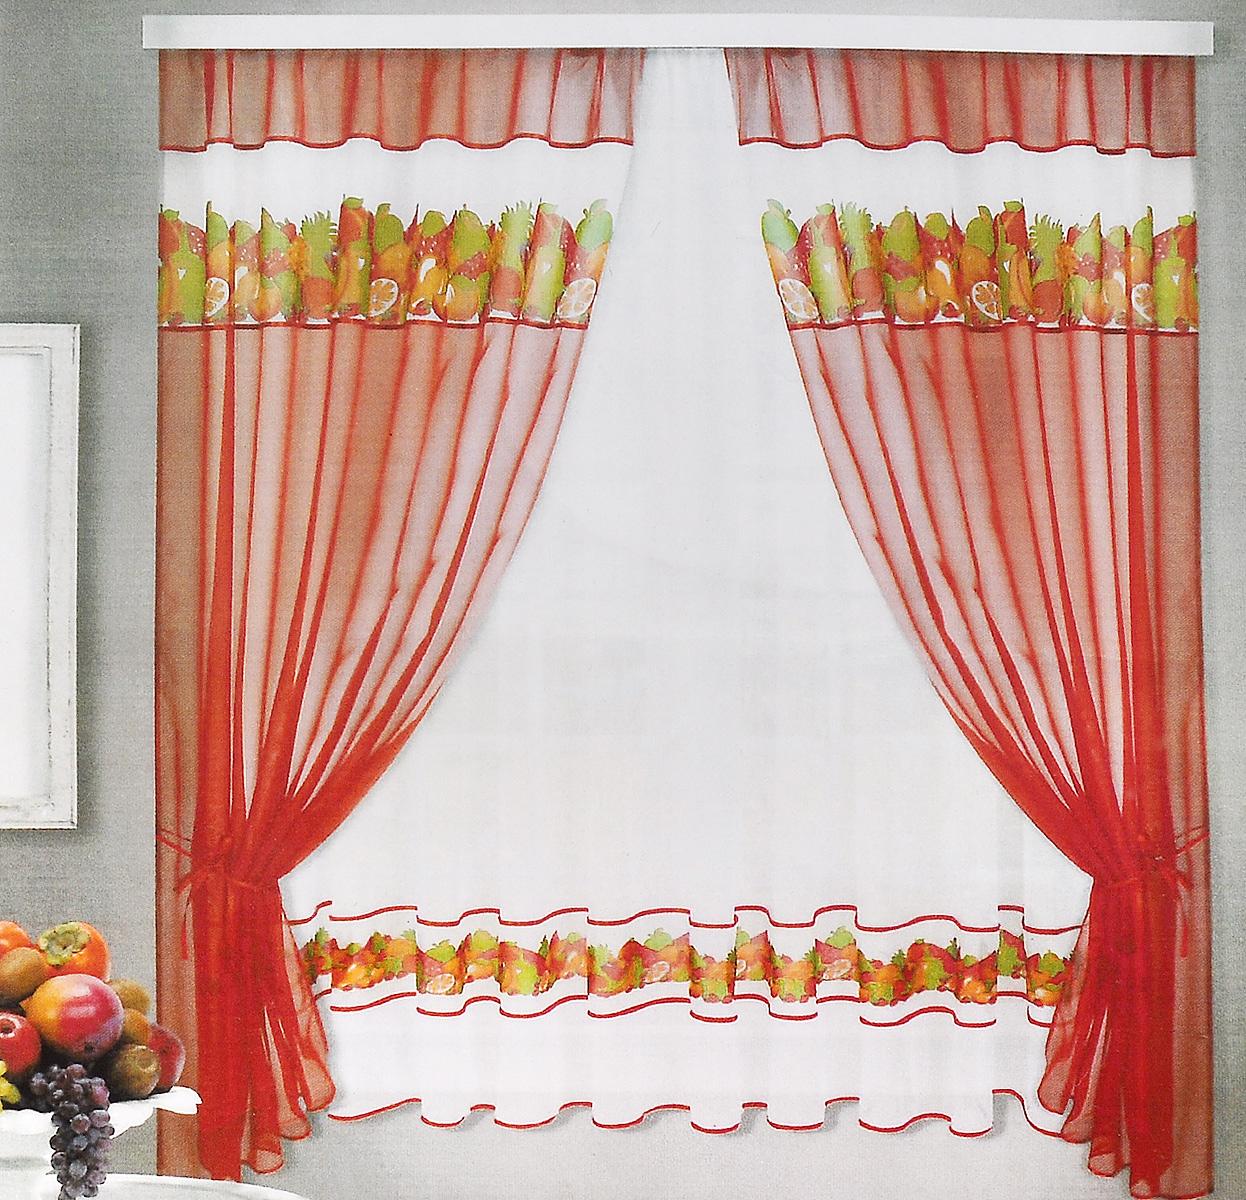 Комплект штор для кухни ТД Текстиль Фруктовая поляна, на ленте, цвет: оранжевый, белый, 5 предметов77646Комплект штор для кухни ТД Текстиль Фруктовая поляна, выполненный из вуалевого полотна (100% полиэстер), великолепно украсит любое окно. Комплект состоит из тюля, двух штор и двух подхватов. Оригинальный дизайн и яркая цветовая гамма привлекут к себе внимание и органично впишутся в интерьер помещения.Комплект крепится на карниз при помощи ленты, которая поможет красиво и равномерно задрапировать верх. Комплект будет долгое время радовать вас и вашу семью!